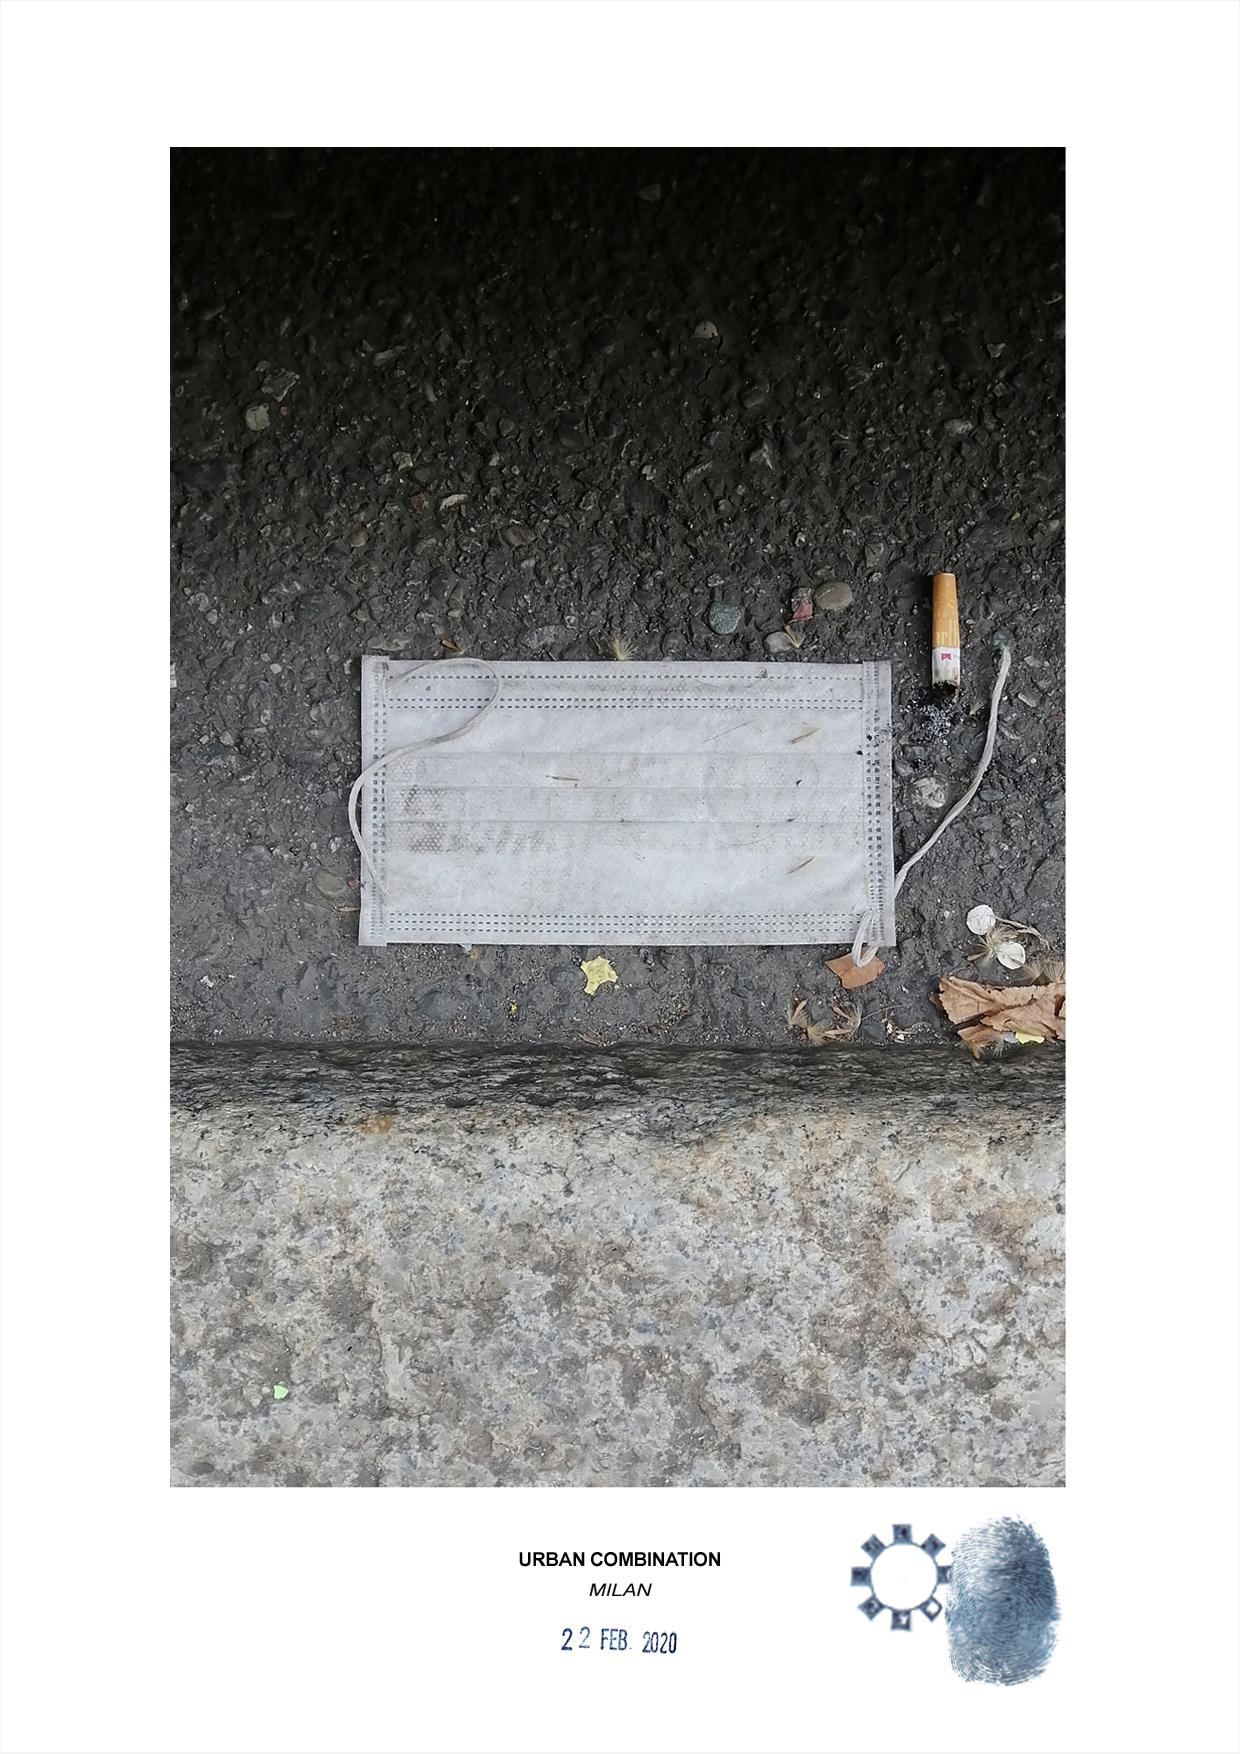 Combinazione urbana dell'artista contemporaneo Maurizio Di Feo. Combinazione urbana. Street art con installazione casuale durante la pandemia del coronavirus, Mascherina con sigarette